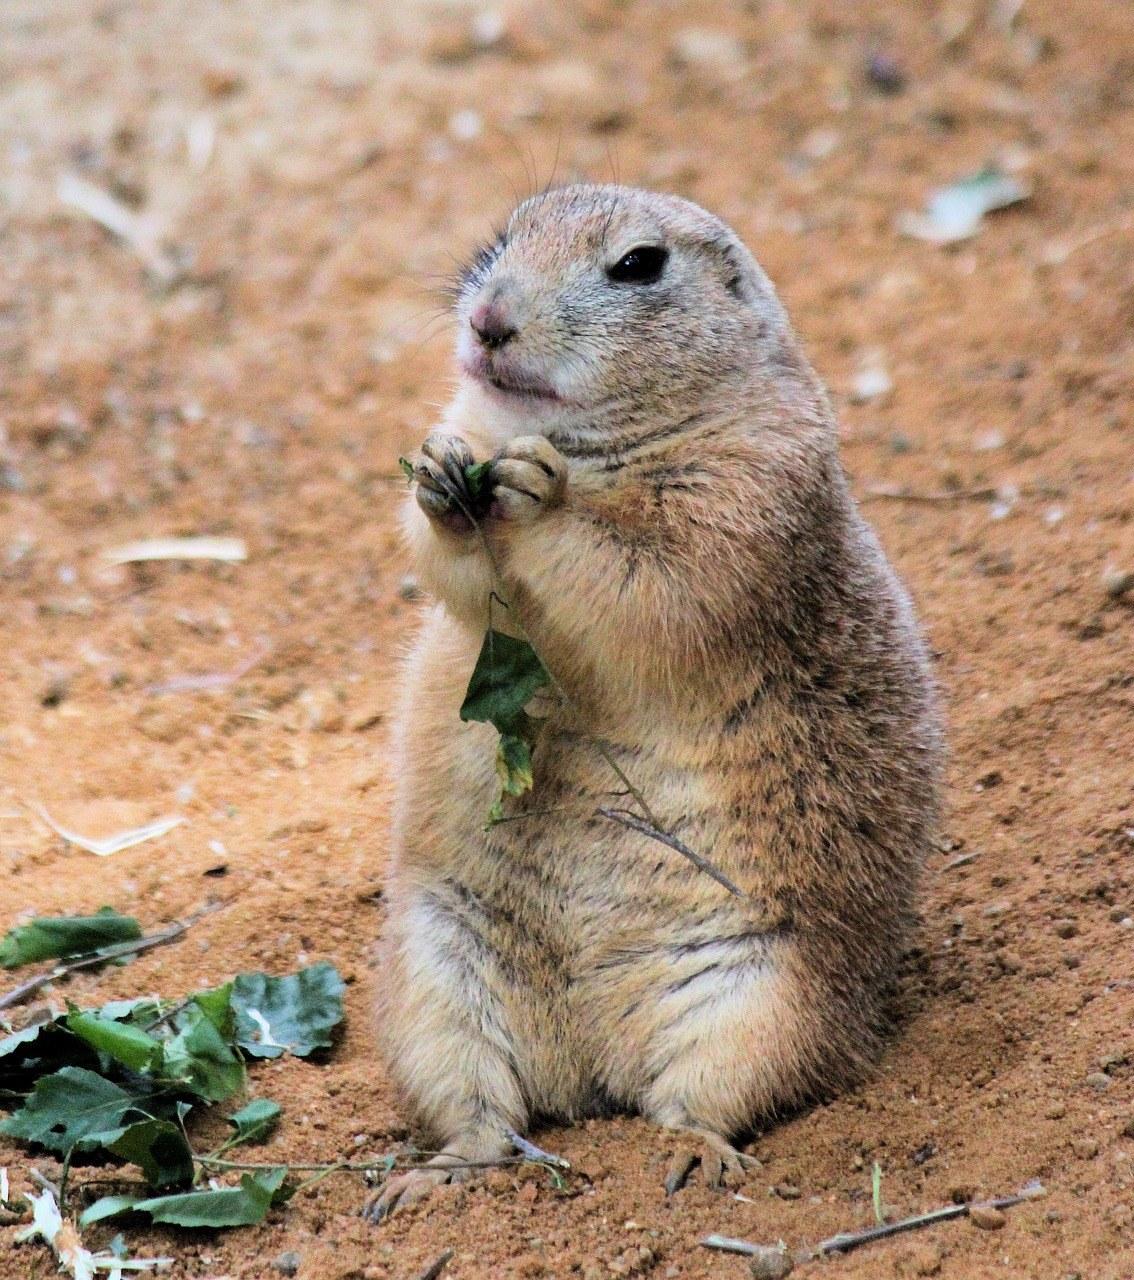 土拨鼠、啮齿动物、动物